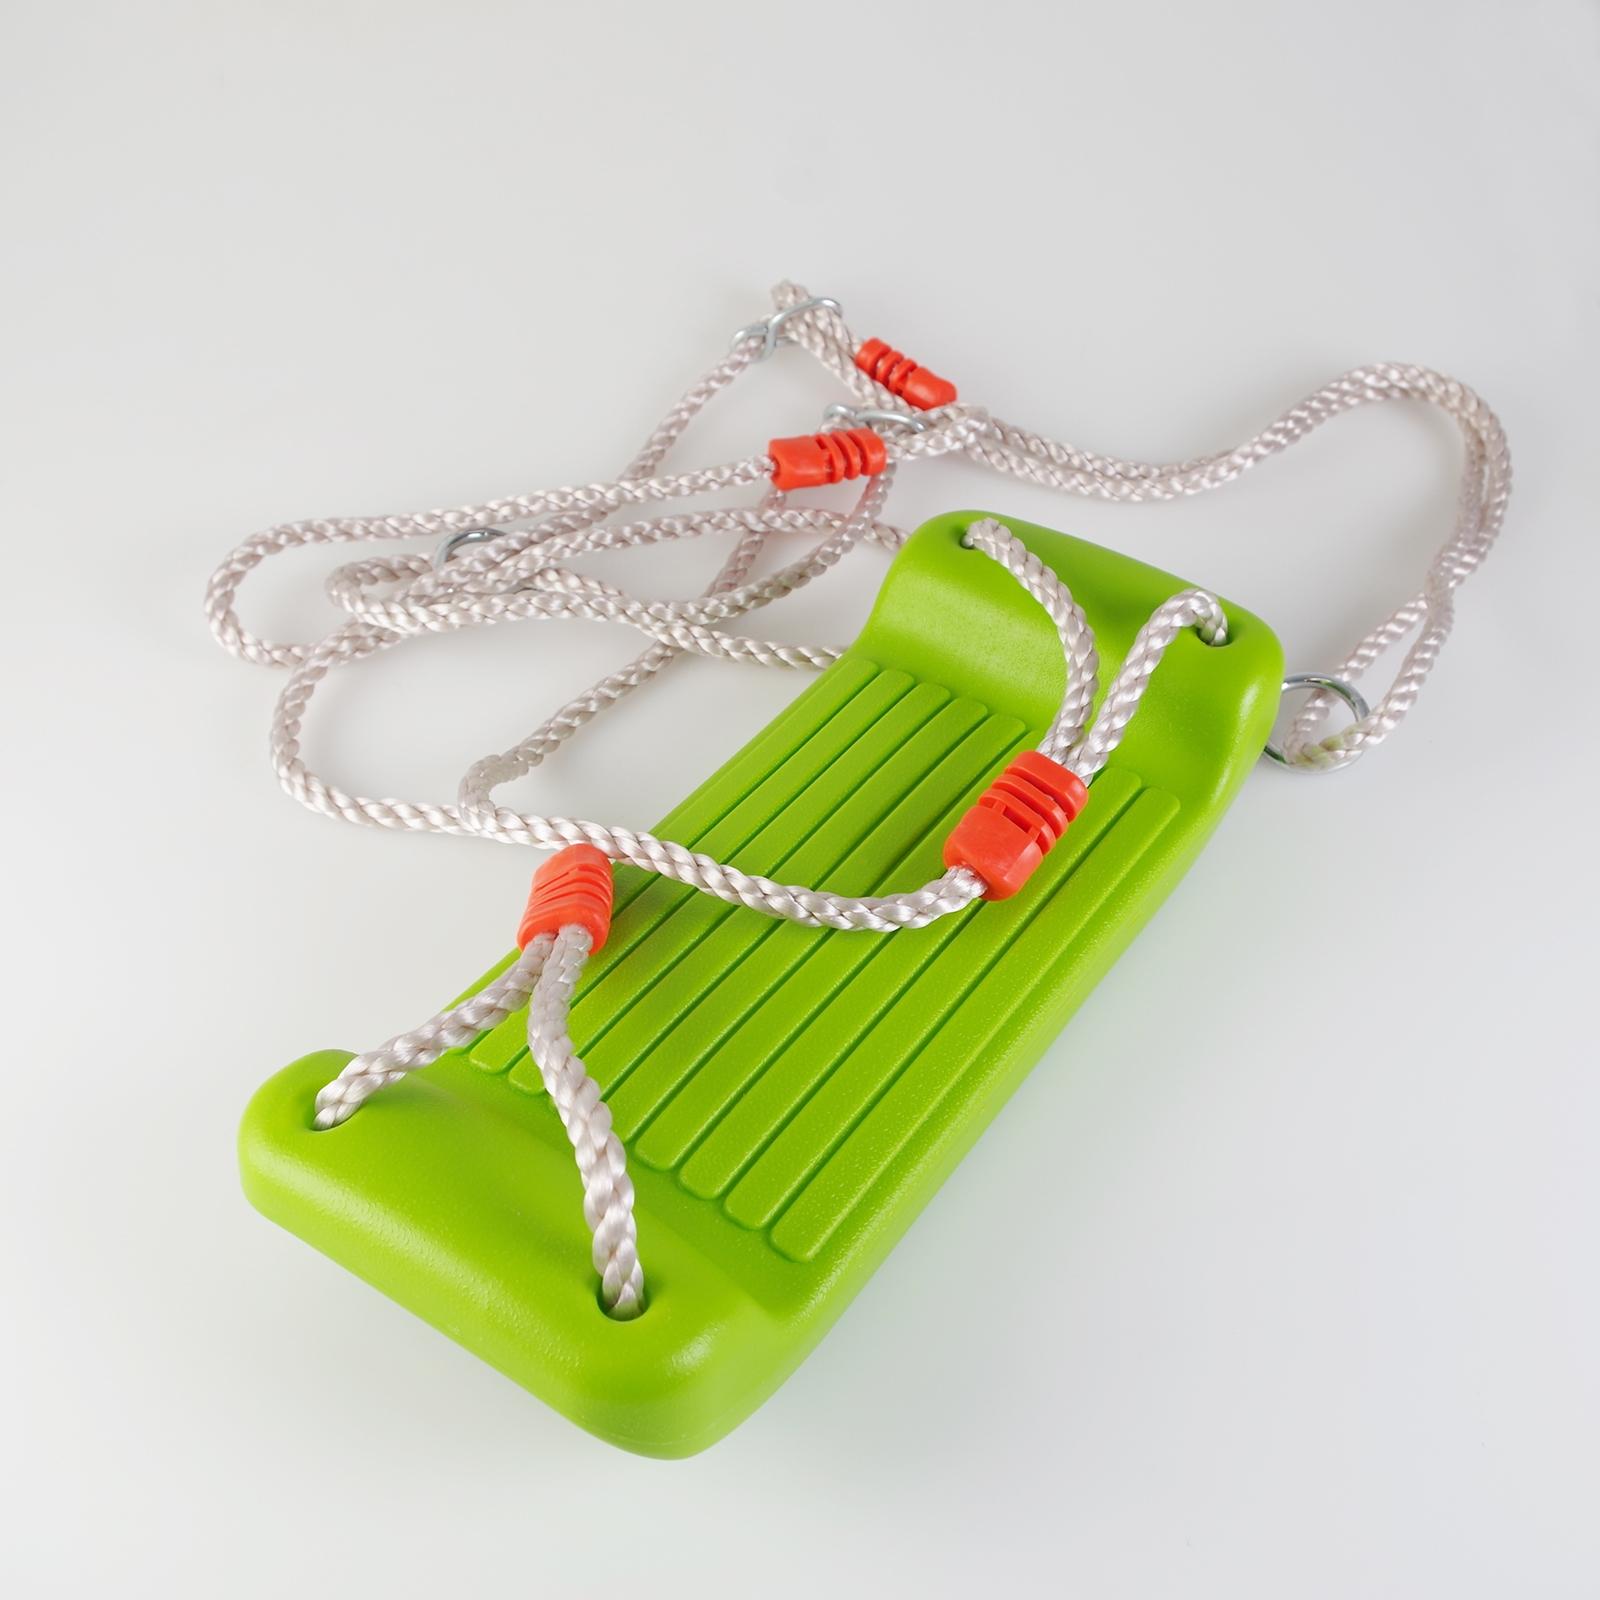 grüne Kunststoff Brettschaukel für innen und außen 38x16x19cm Schaukel